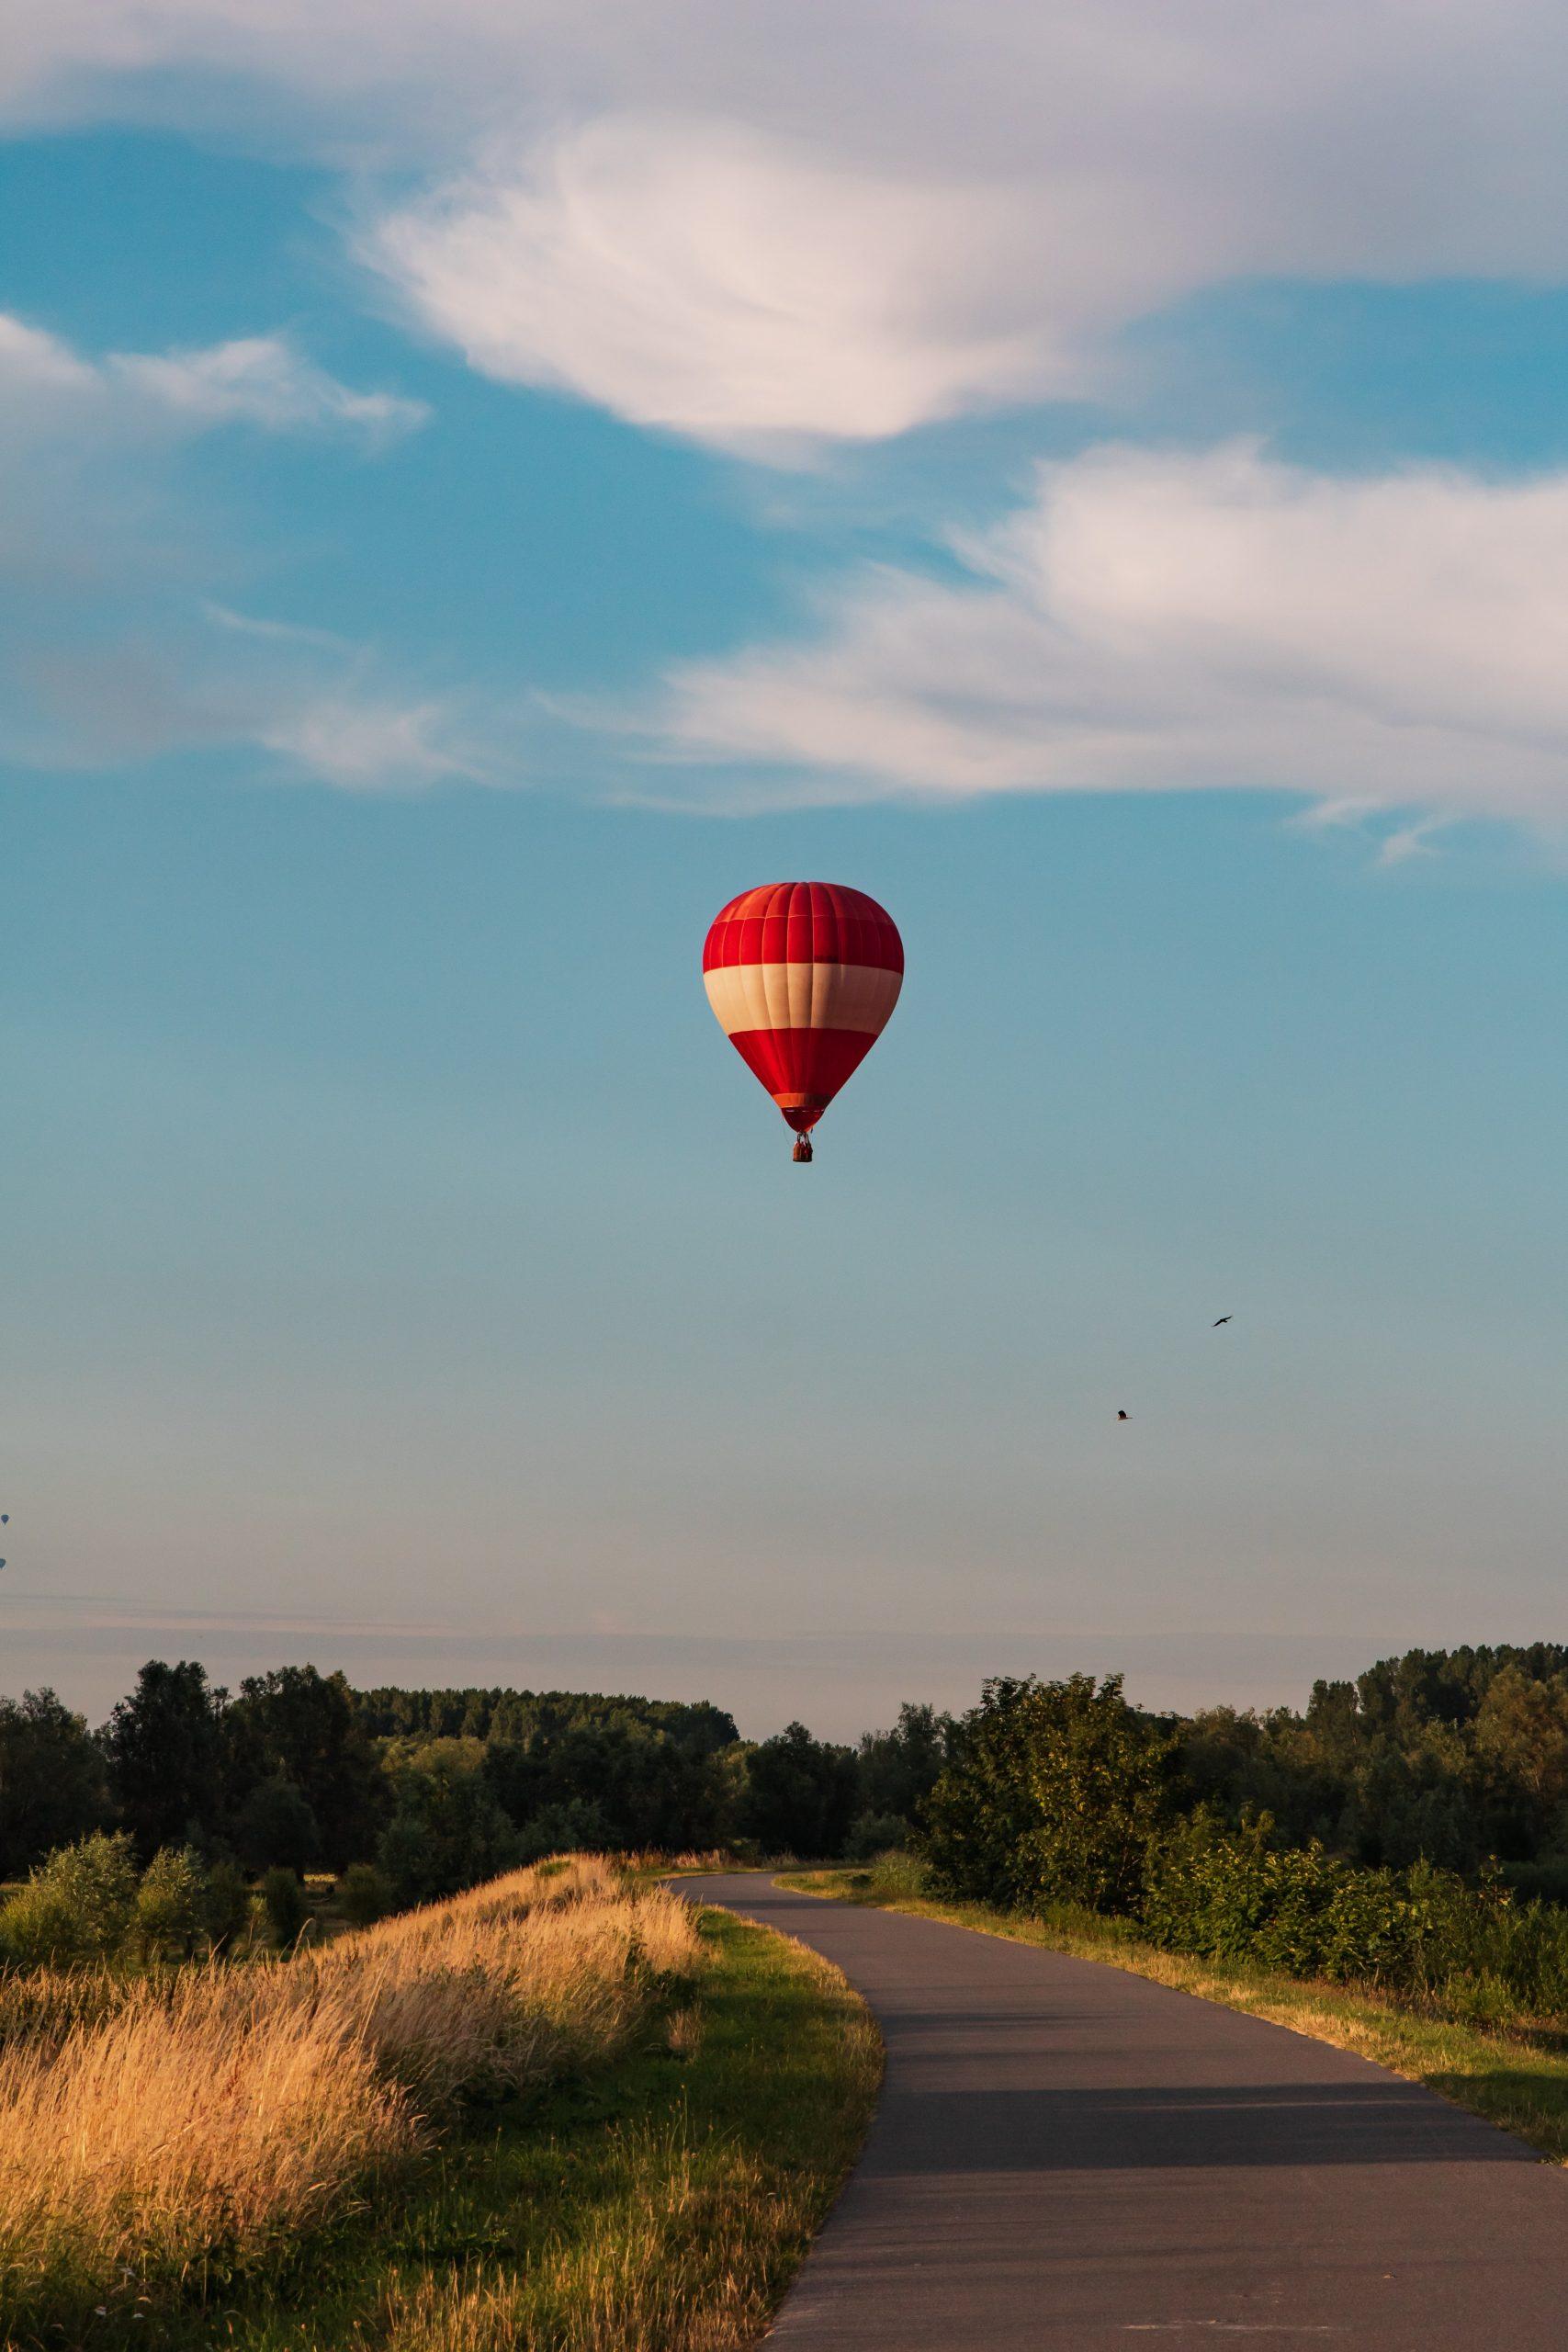 Hot air balloon soaring above a long road